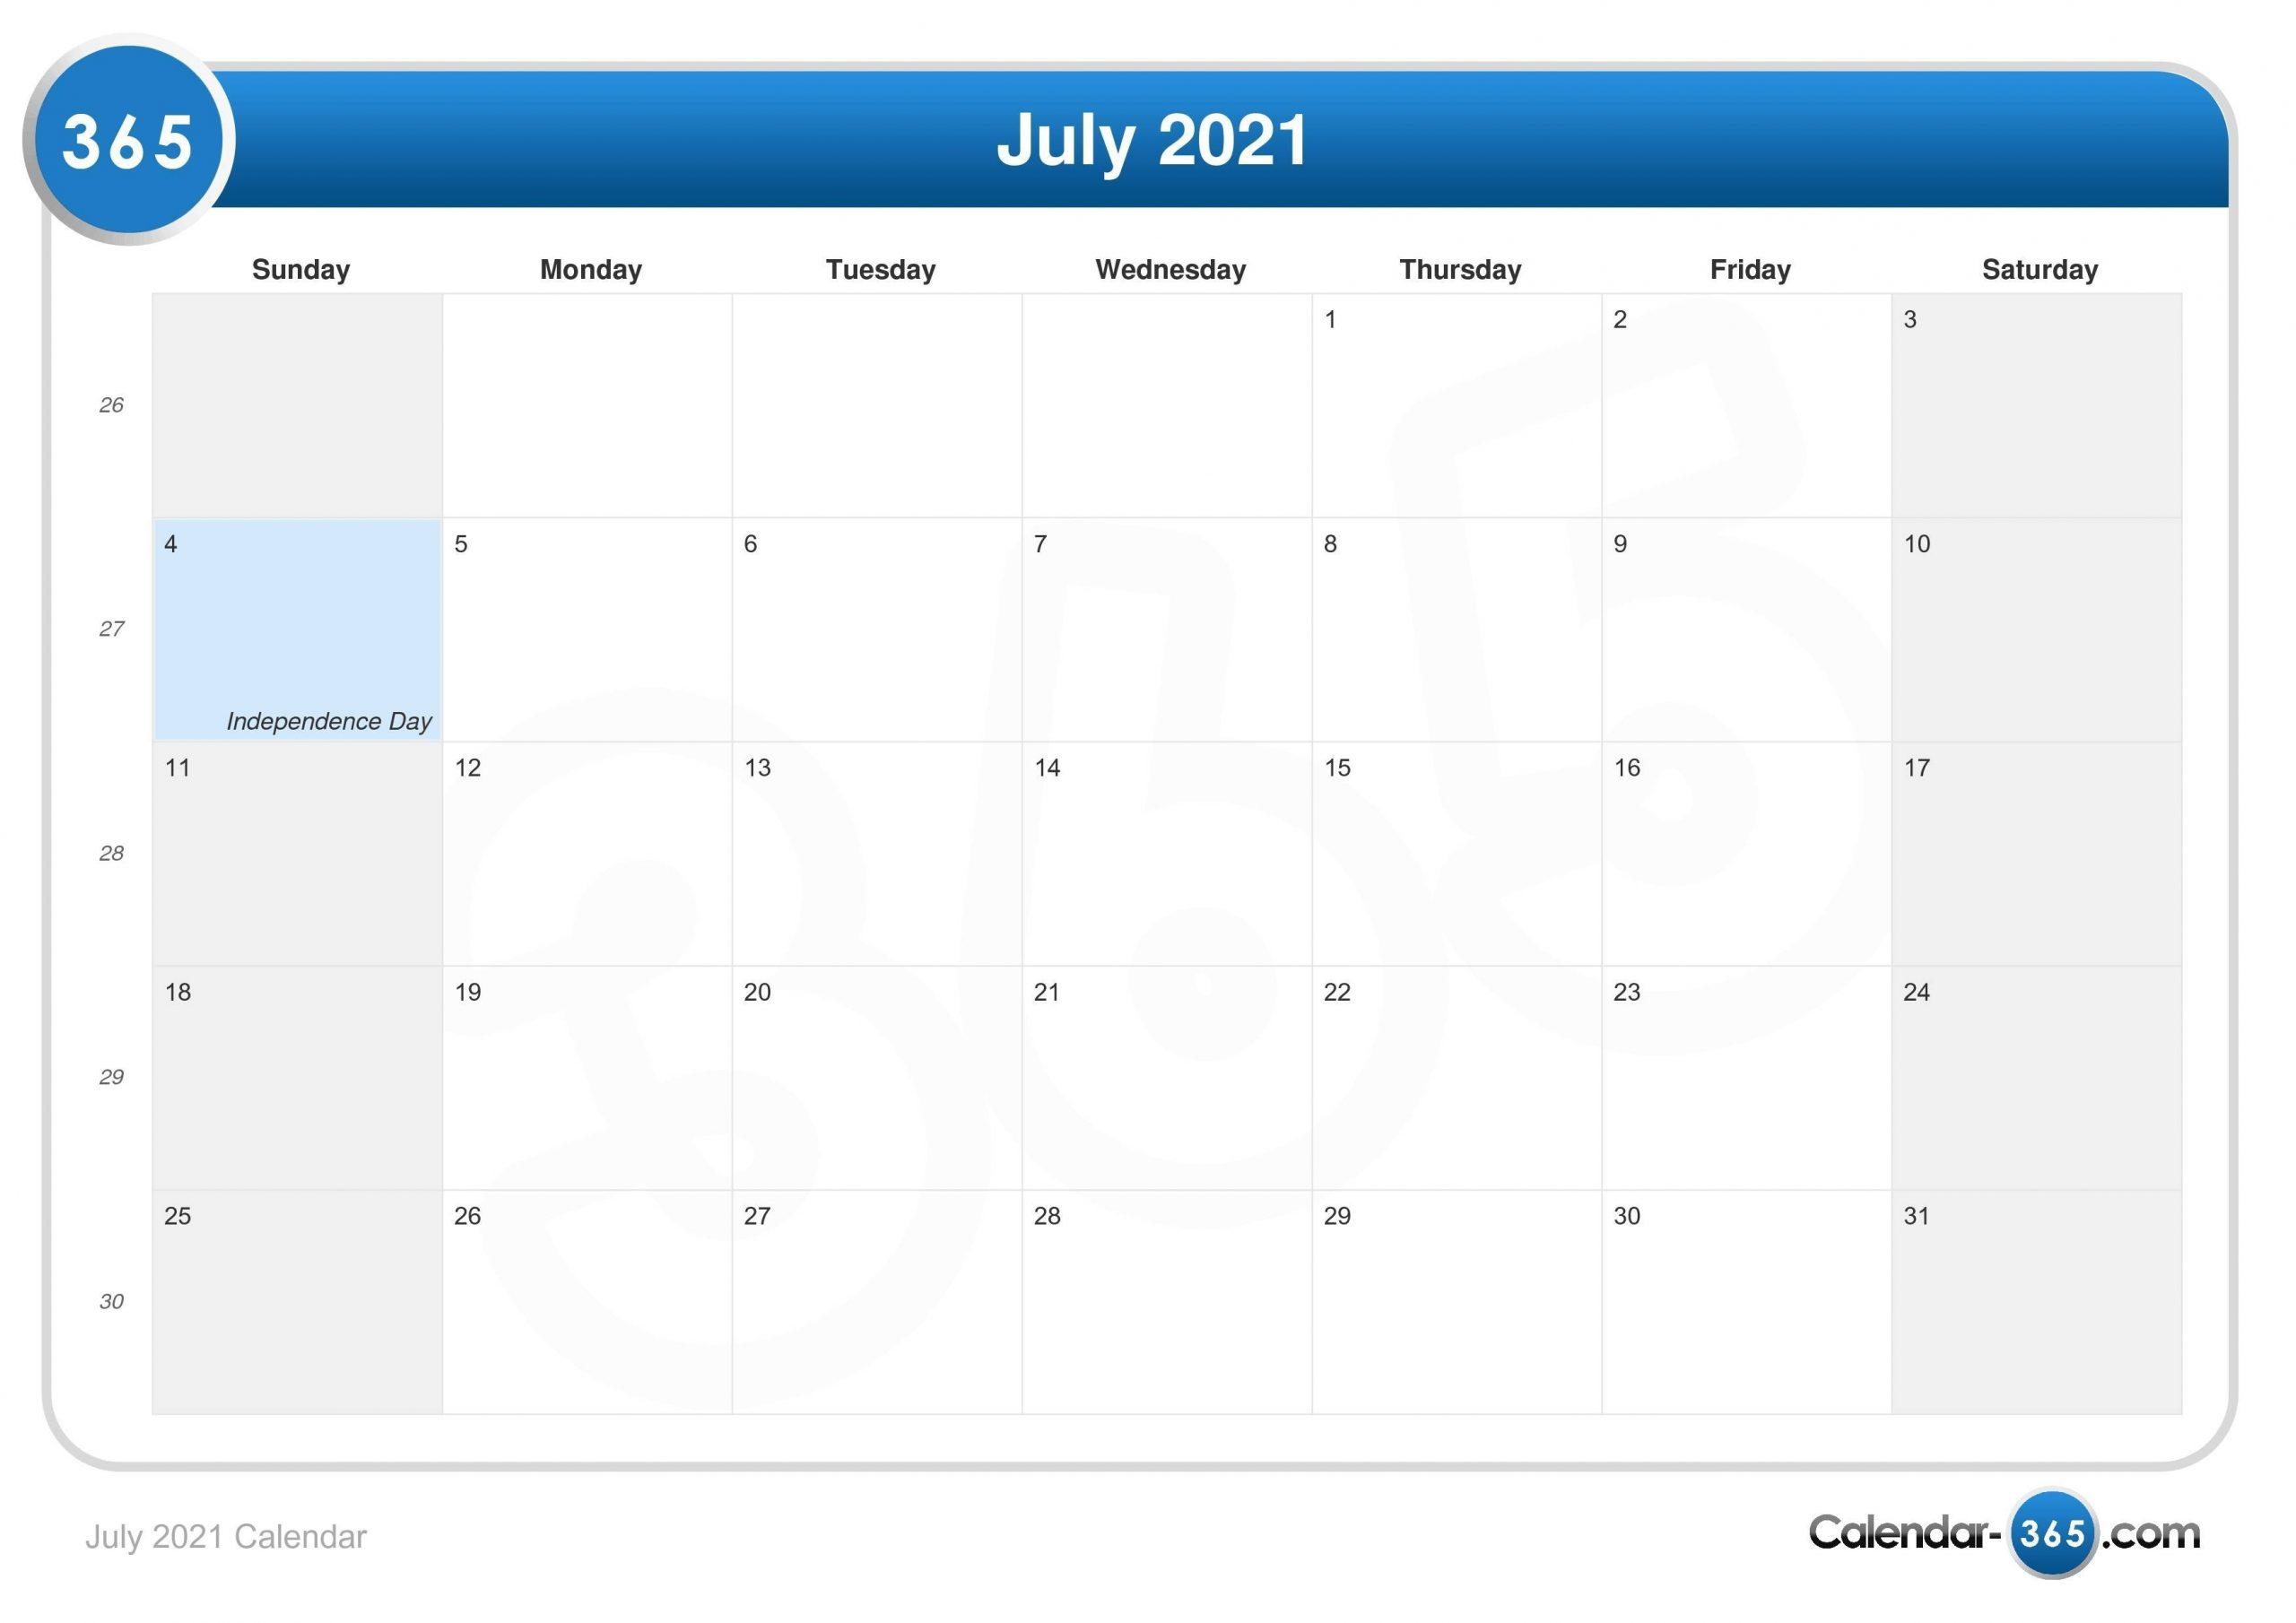 Get July 22 To September 30 2021 Calendar